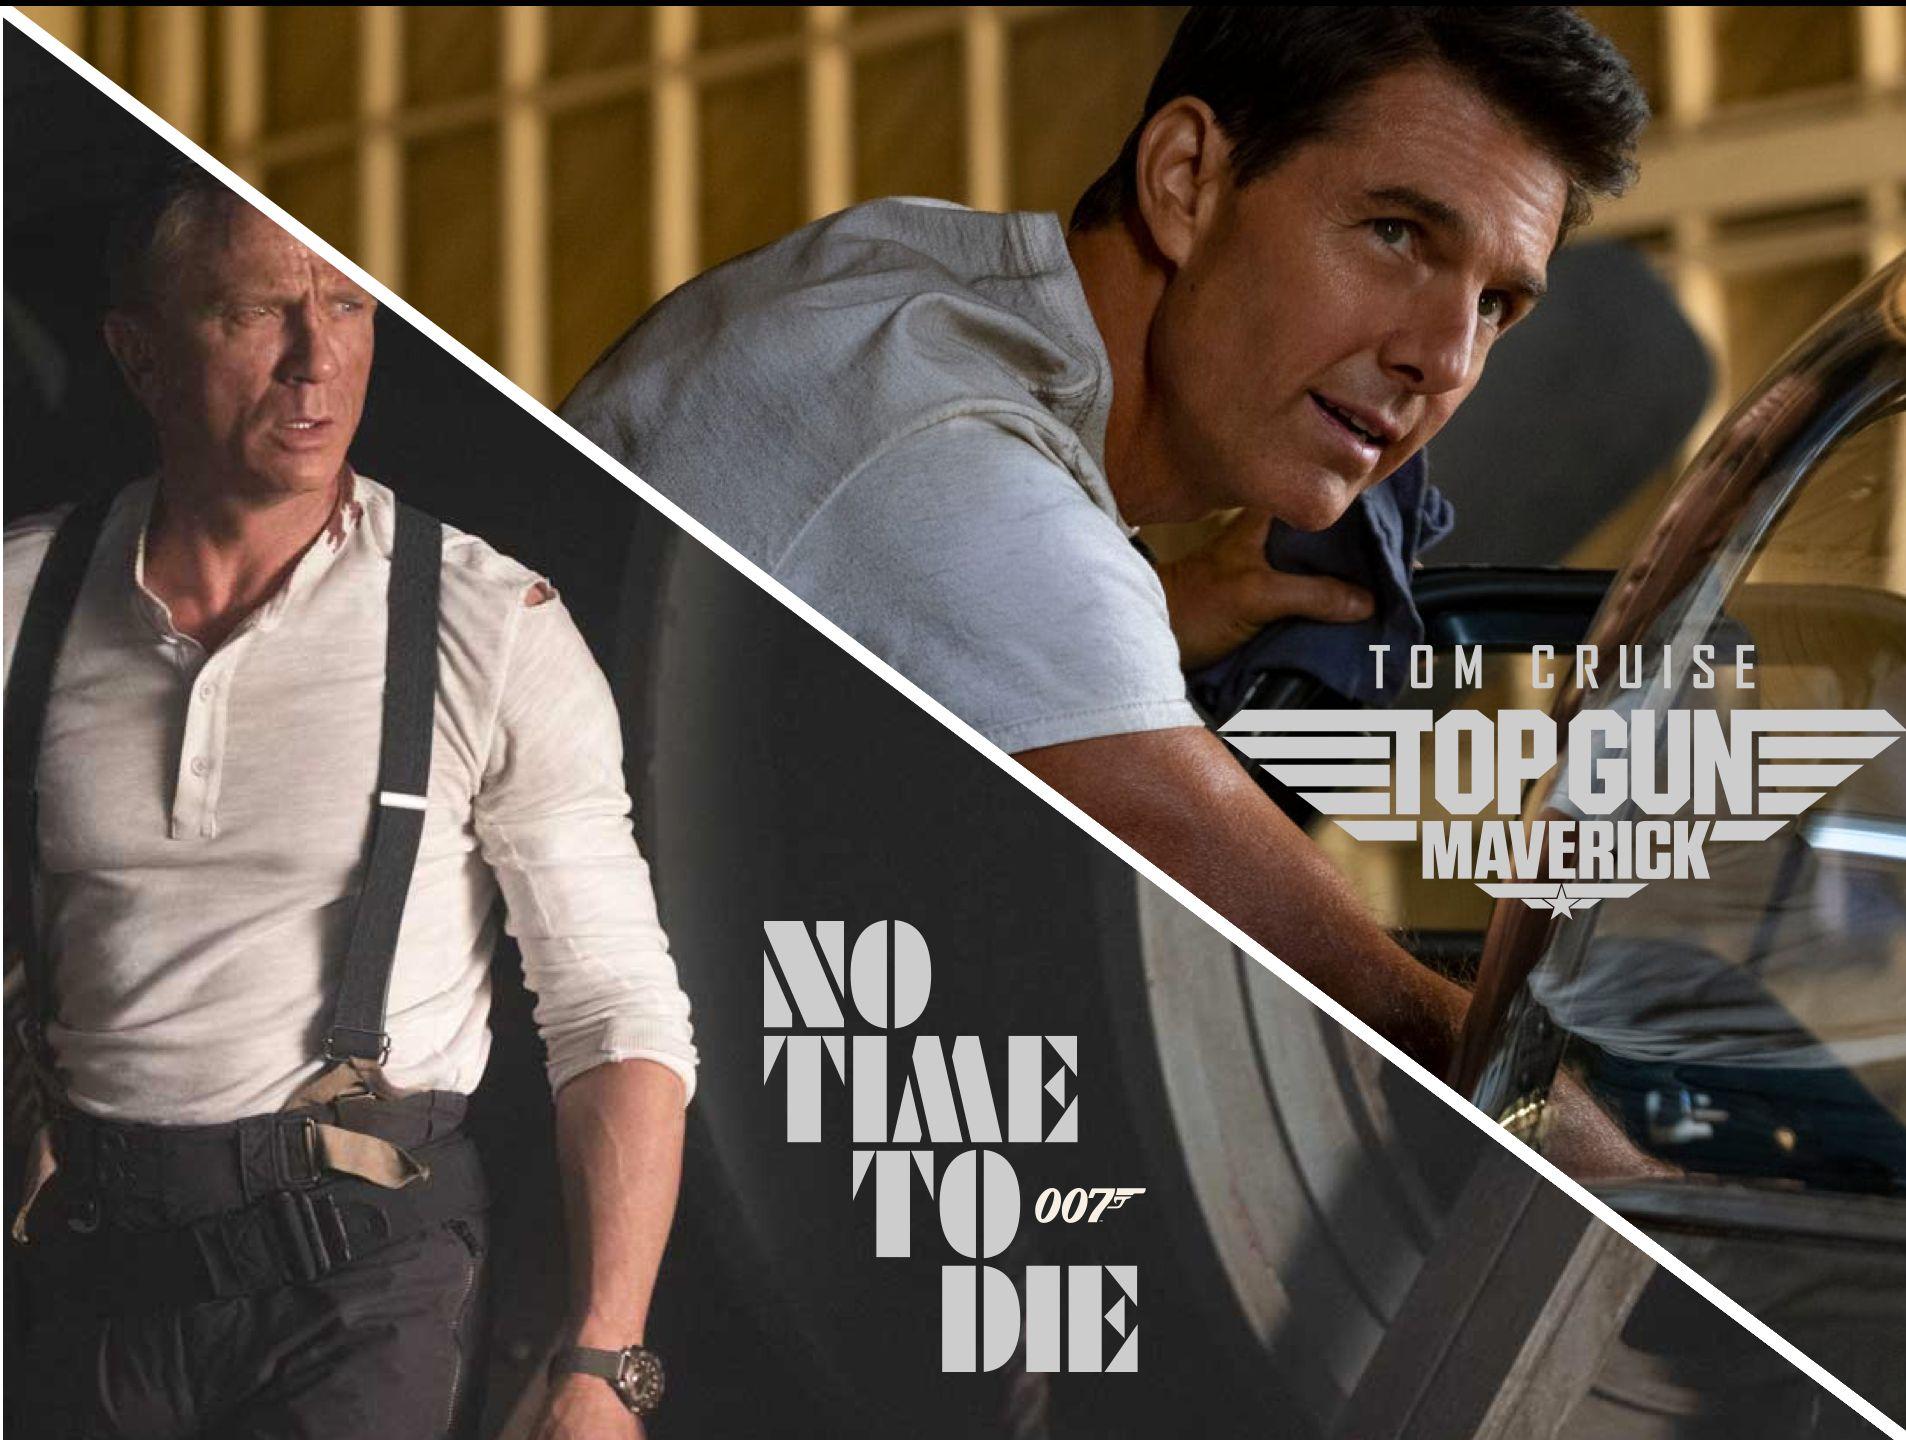 James Bond et Top Gun sortiront le même jour sous la forme d'un unique long métrage